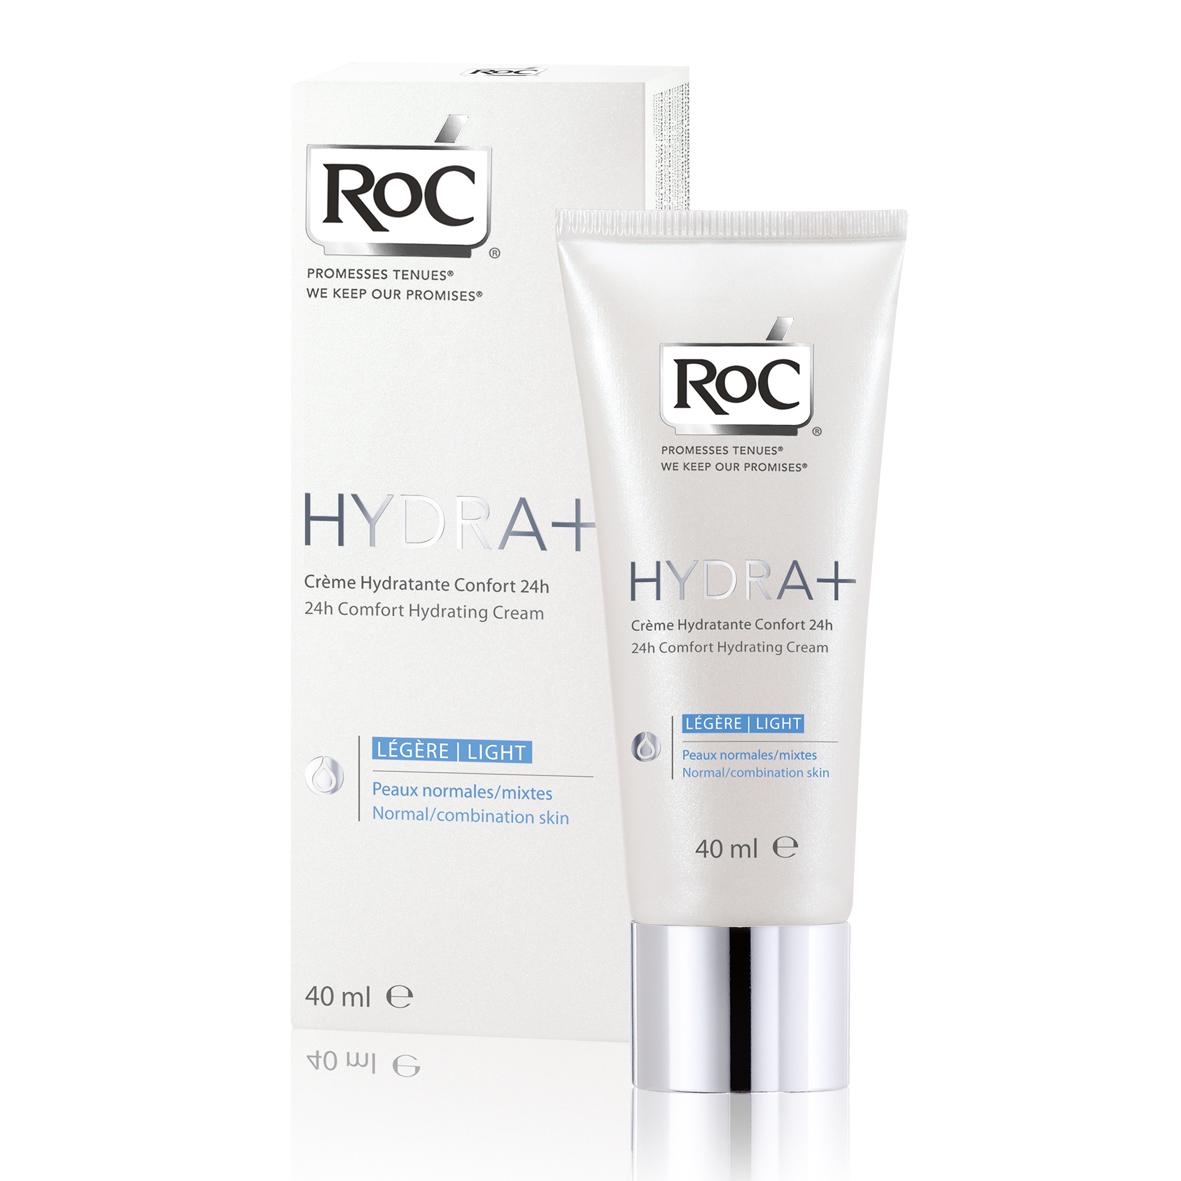 RoC Hydra+ 24h Comfort Light hidratantna krema za normalnu/kombinovanu kožu